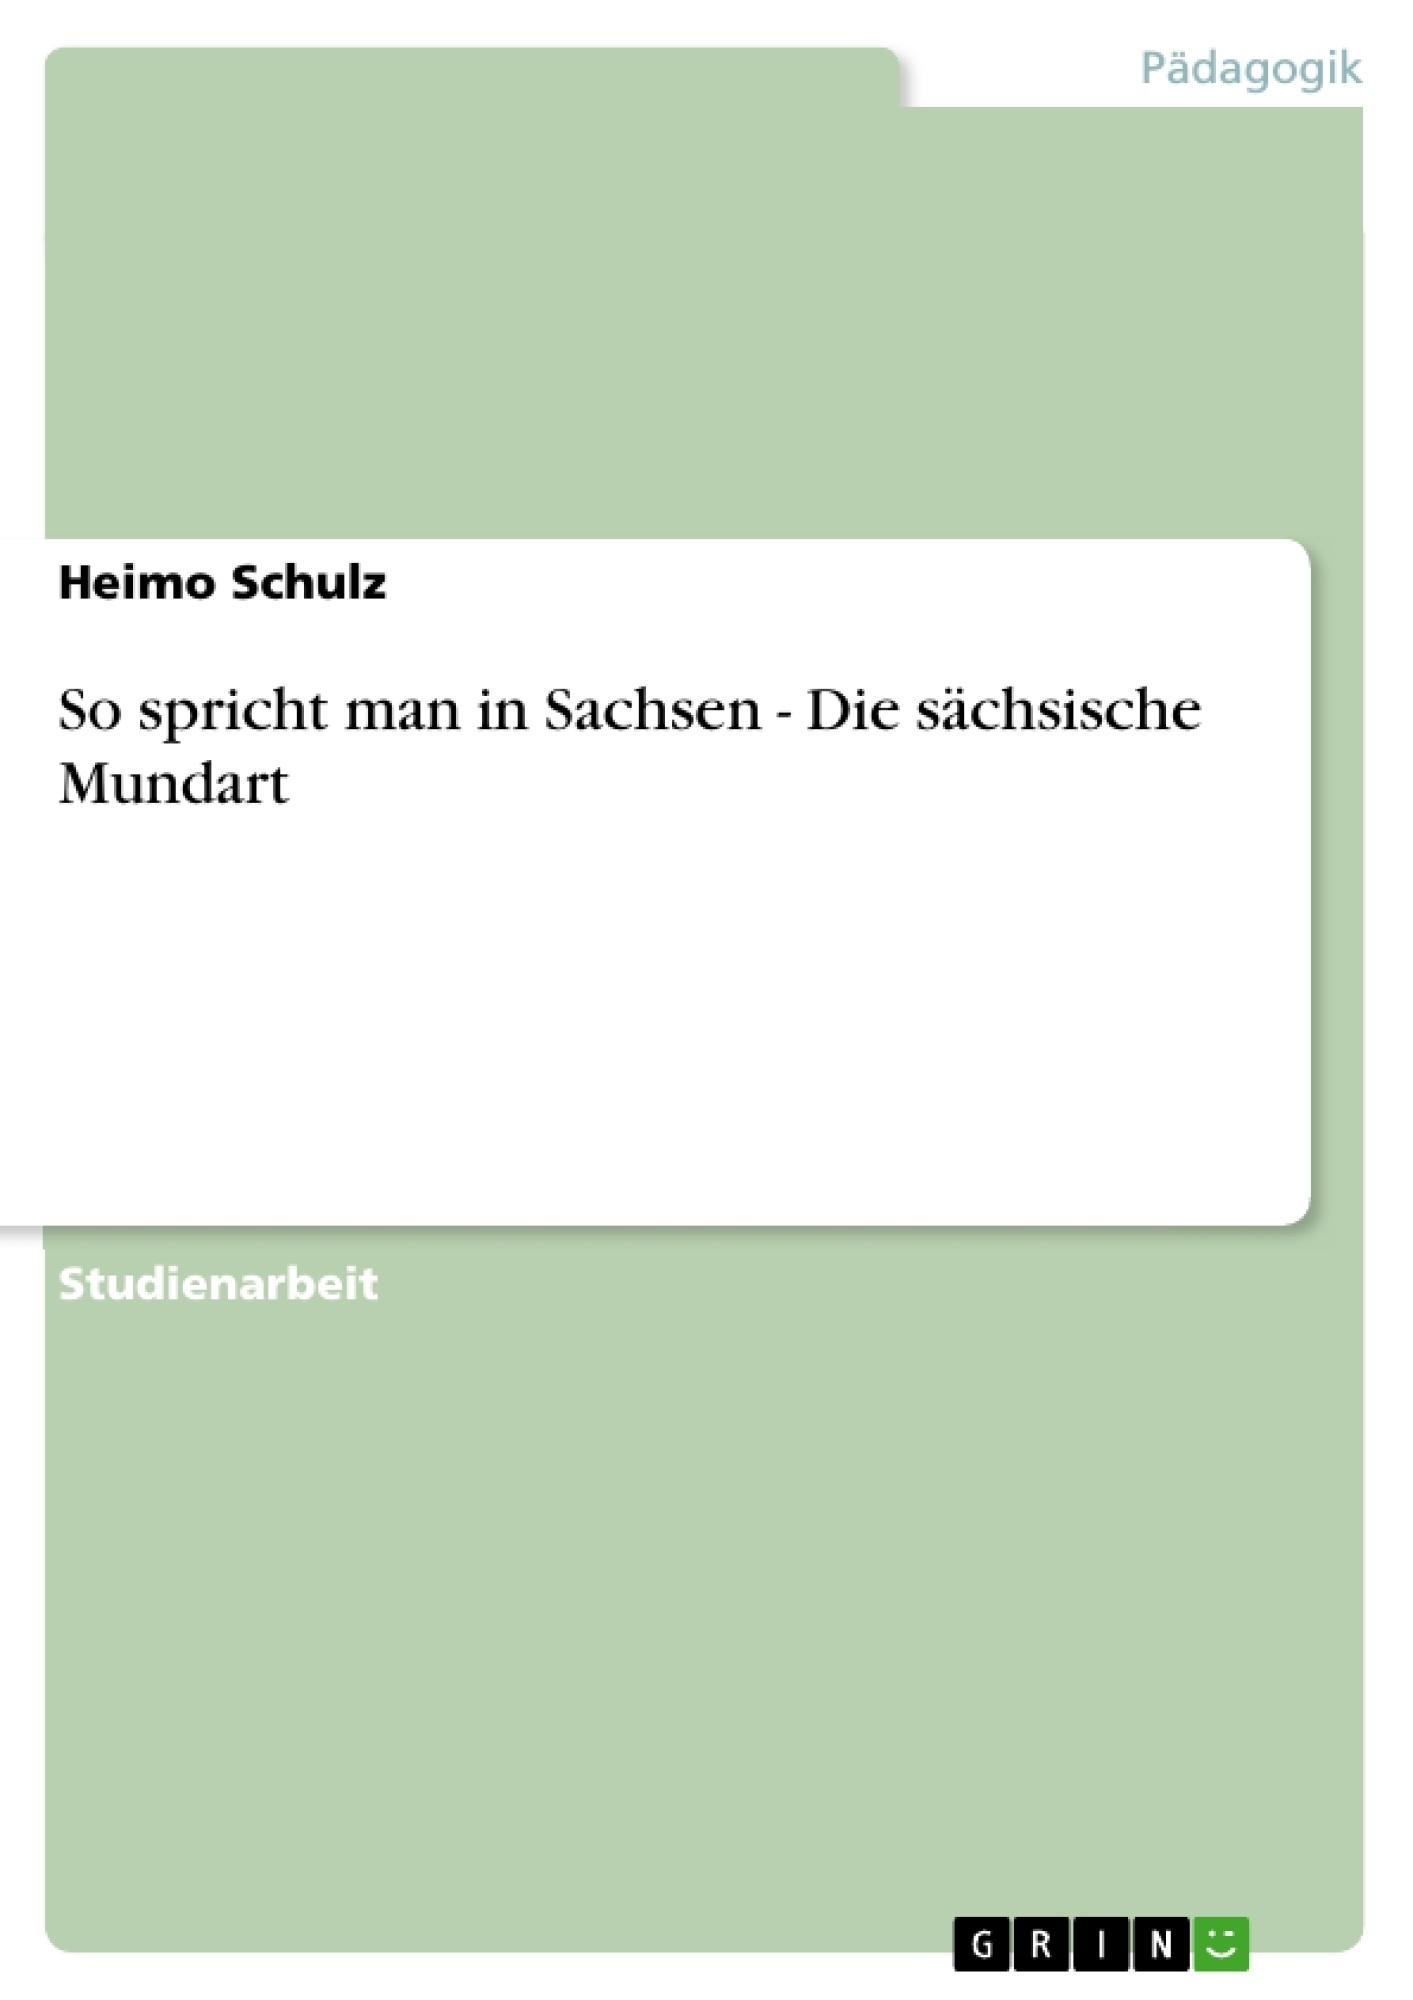 Titel: So spricht man in Sachsen - Die sächsische Mundart